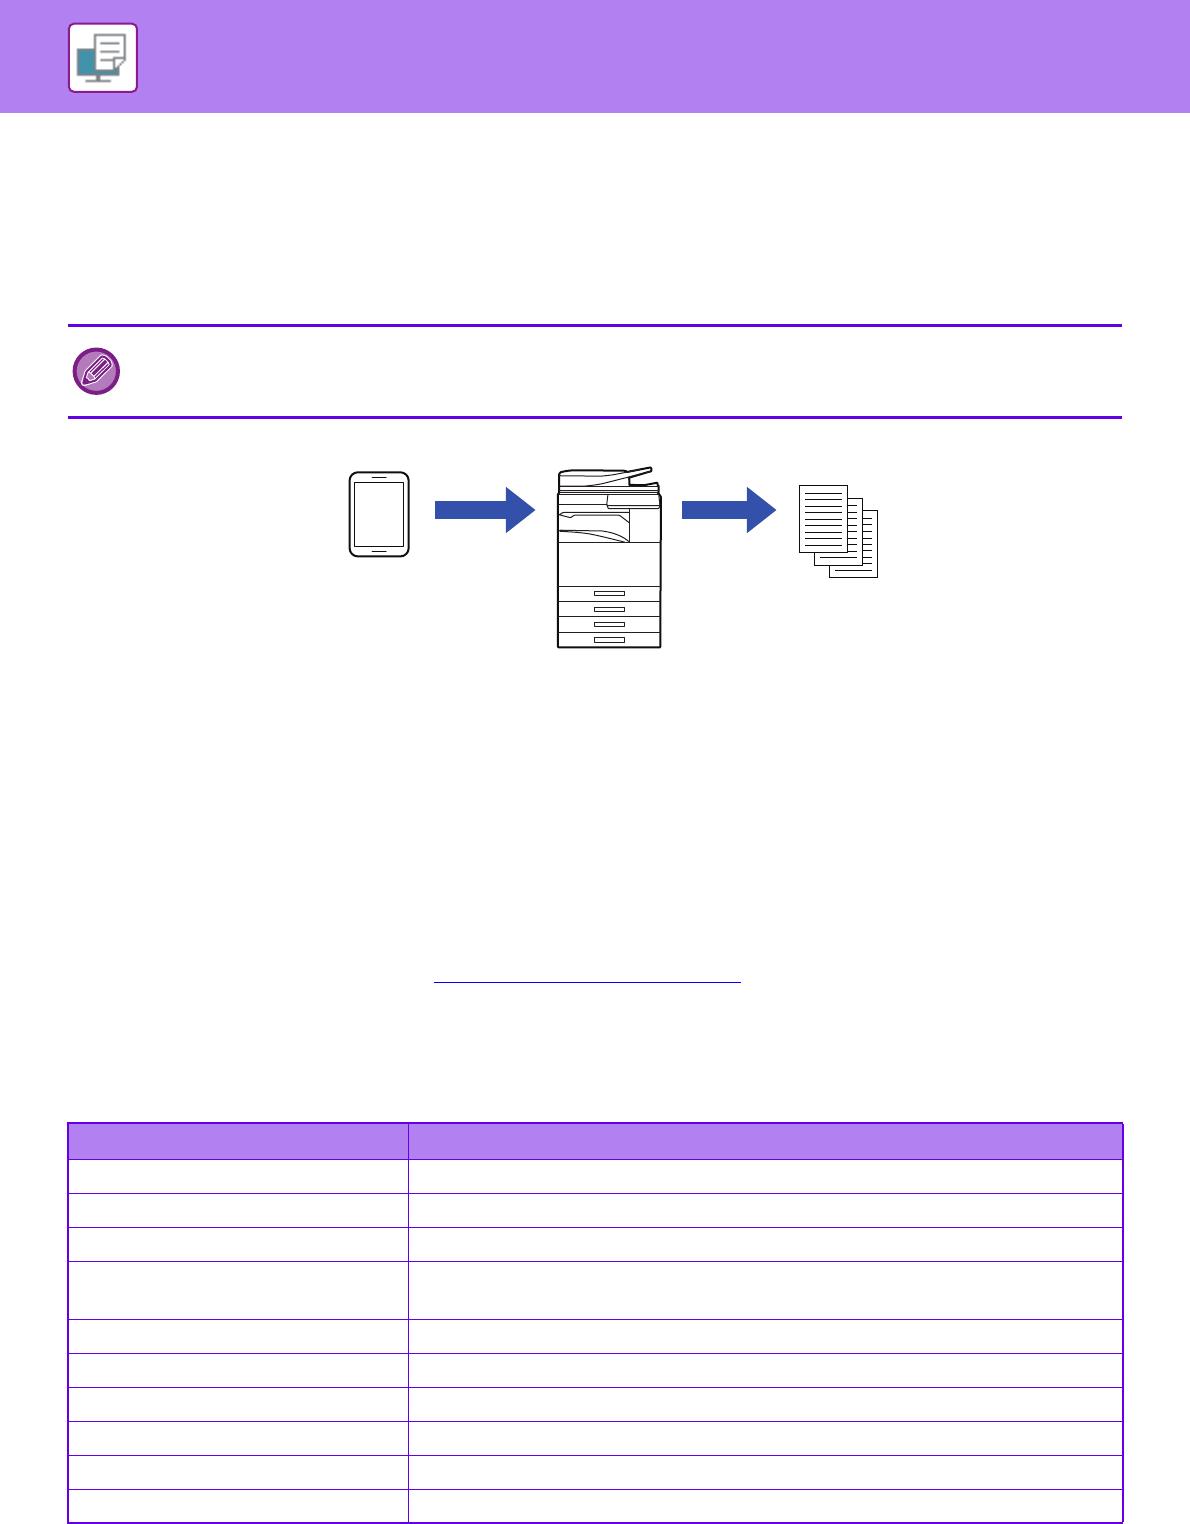 Bedienungsanleitung Sharp MX 9N Seite 9 von 9 Deutsch